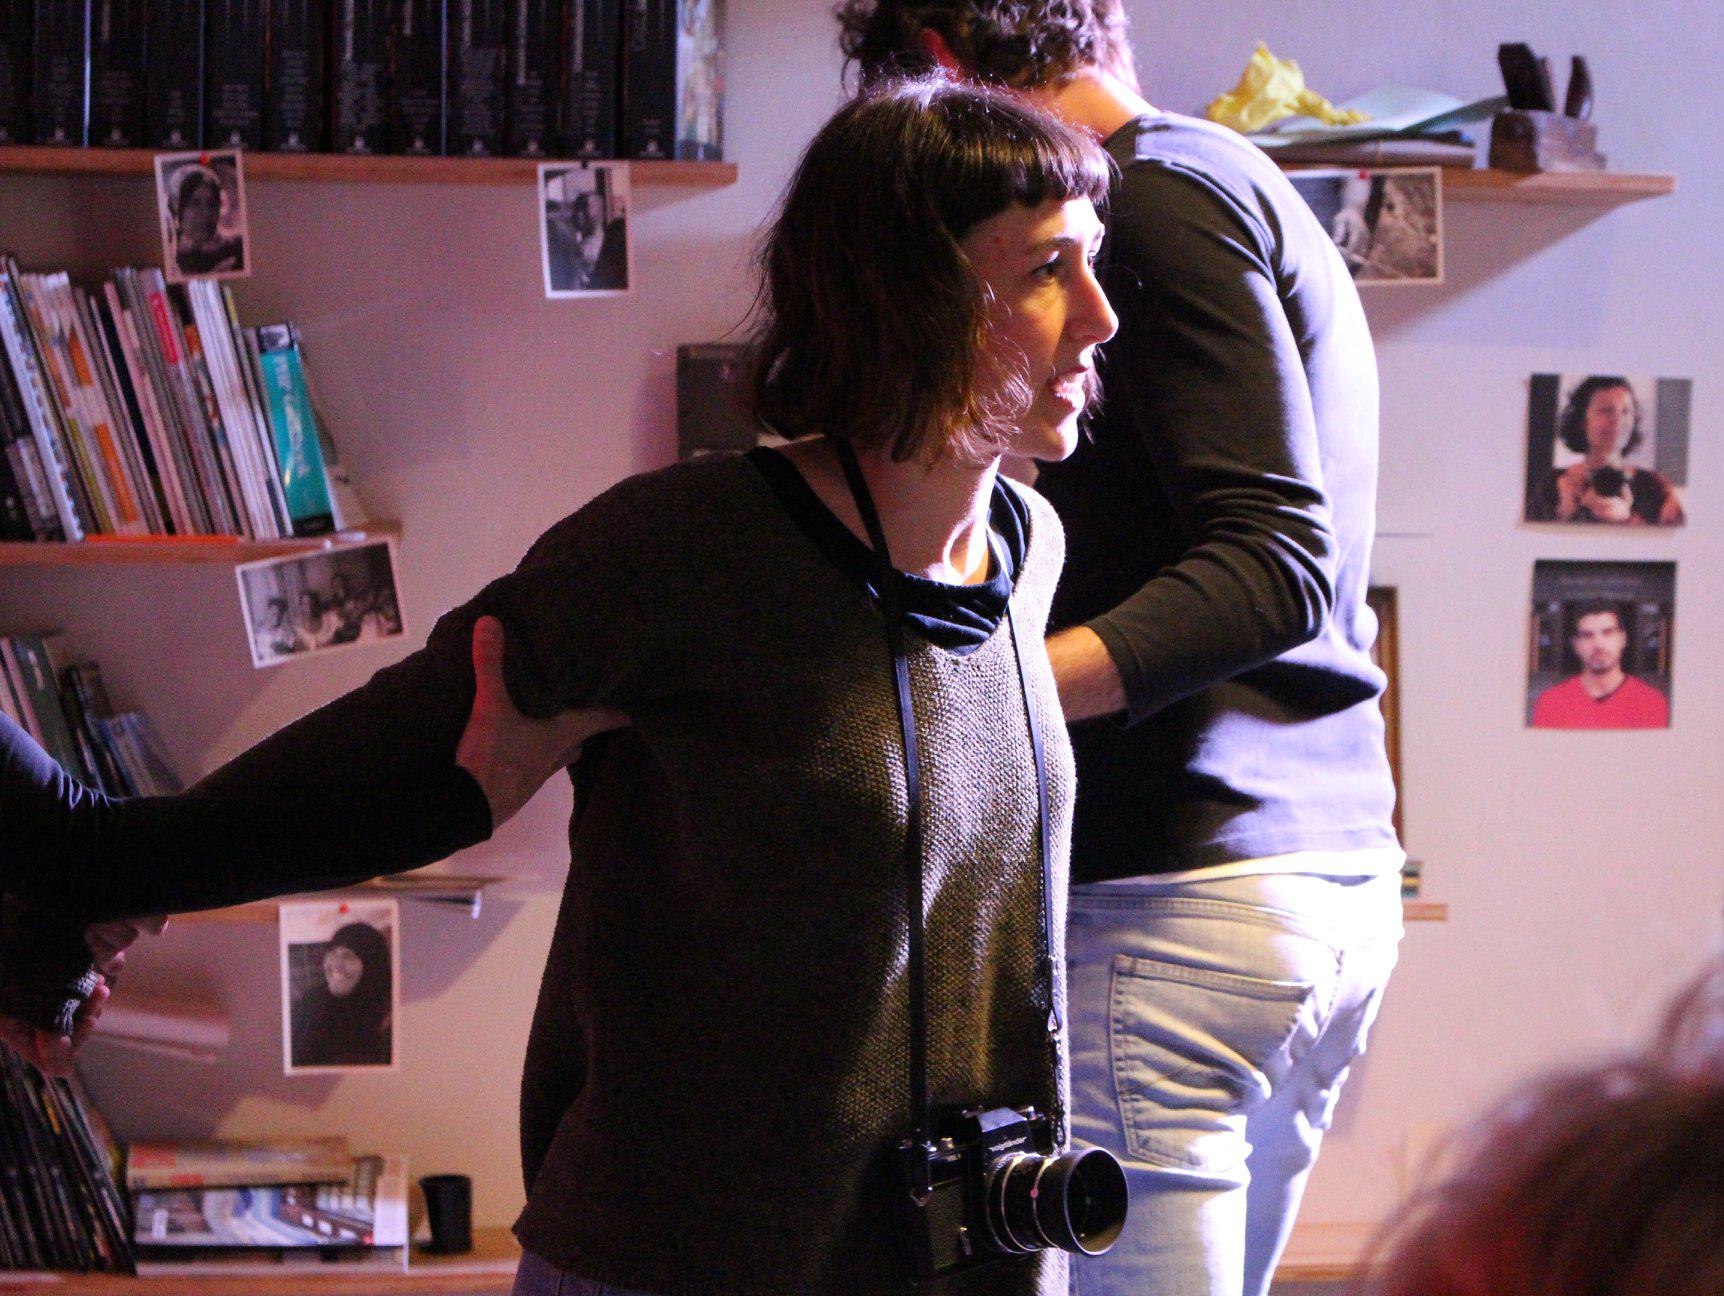 Anna Benico di Scena Machiavelli - Teatro Clandestino